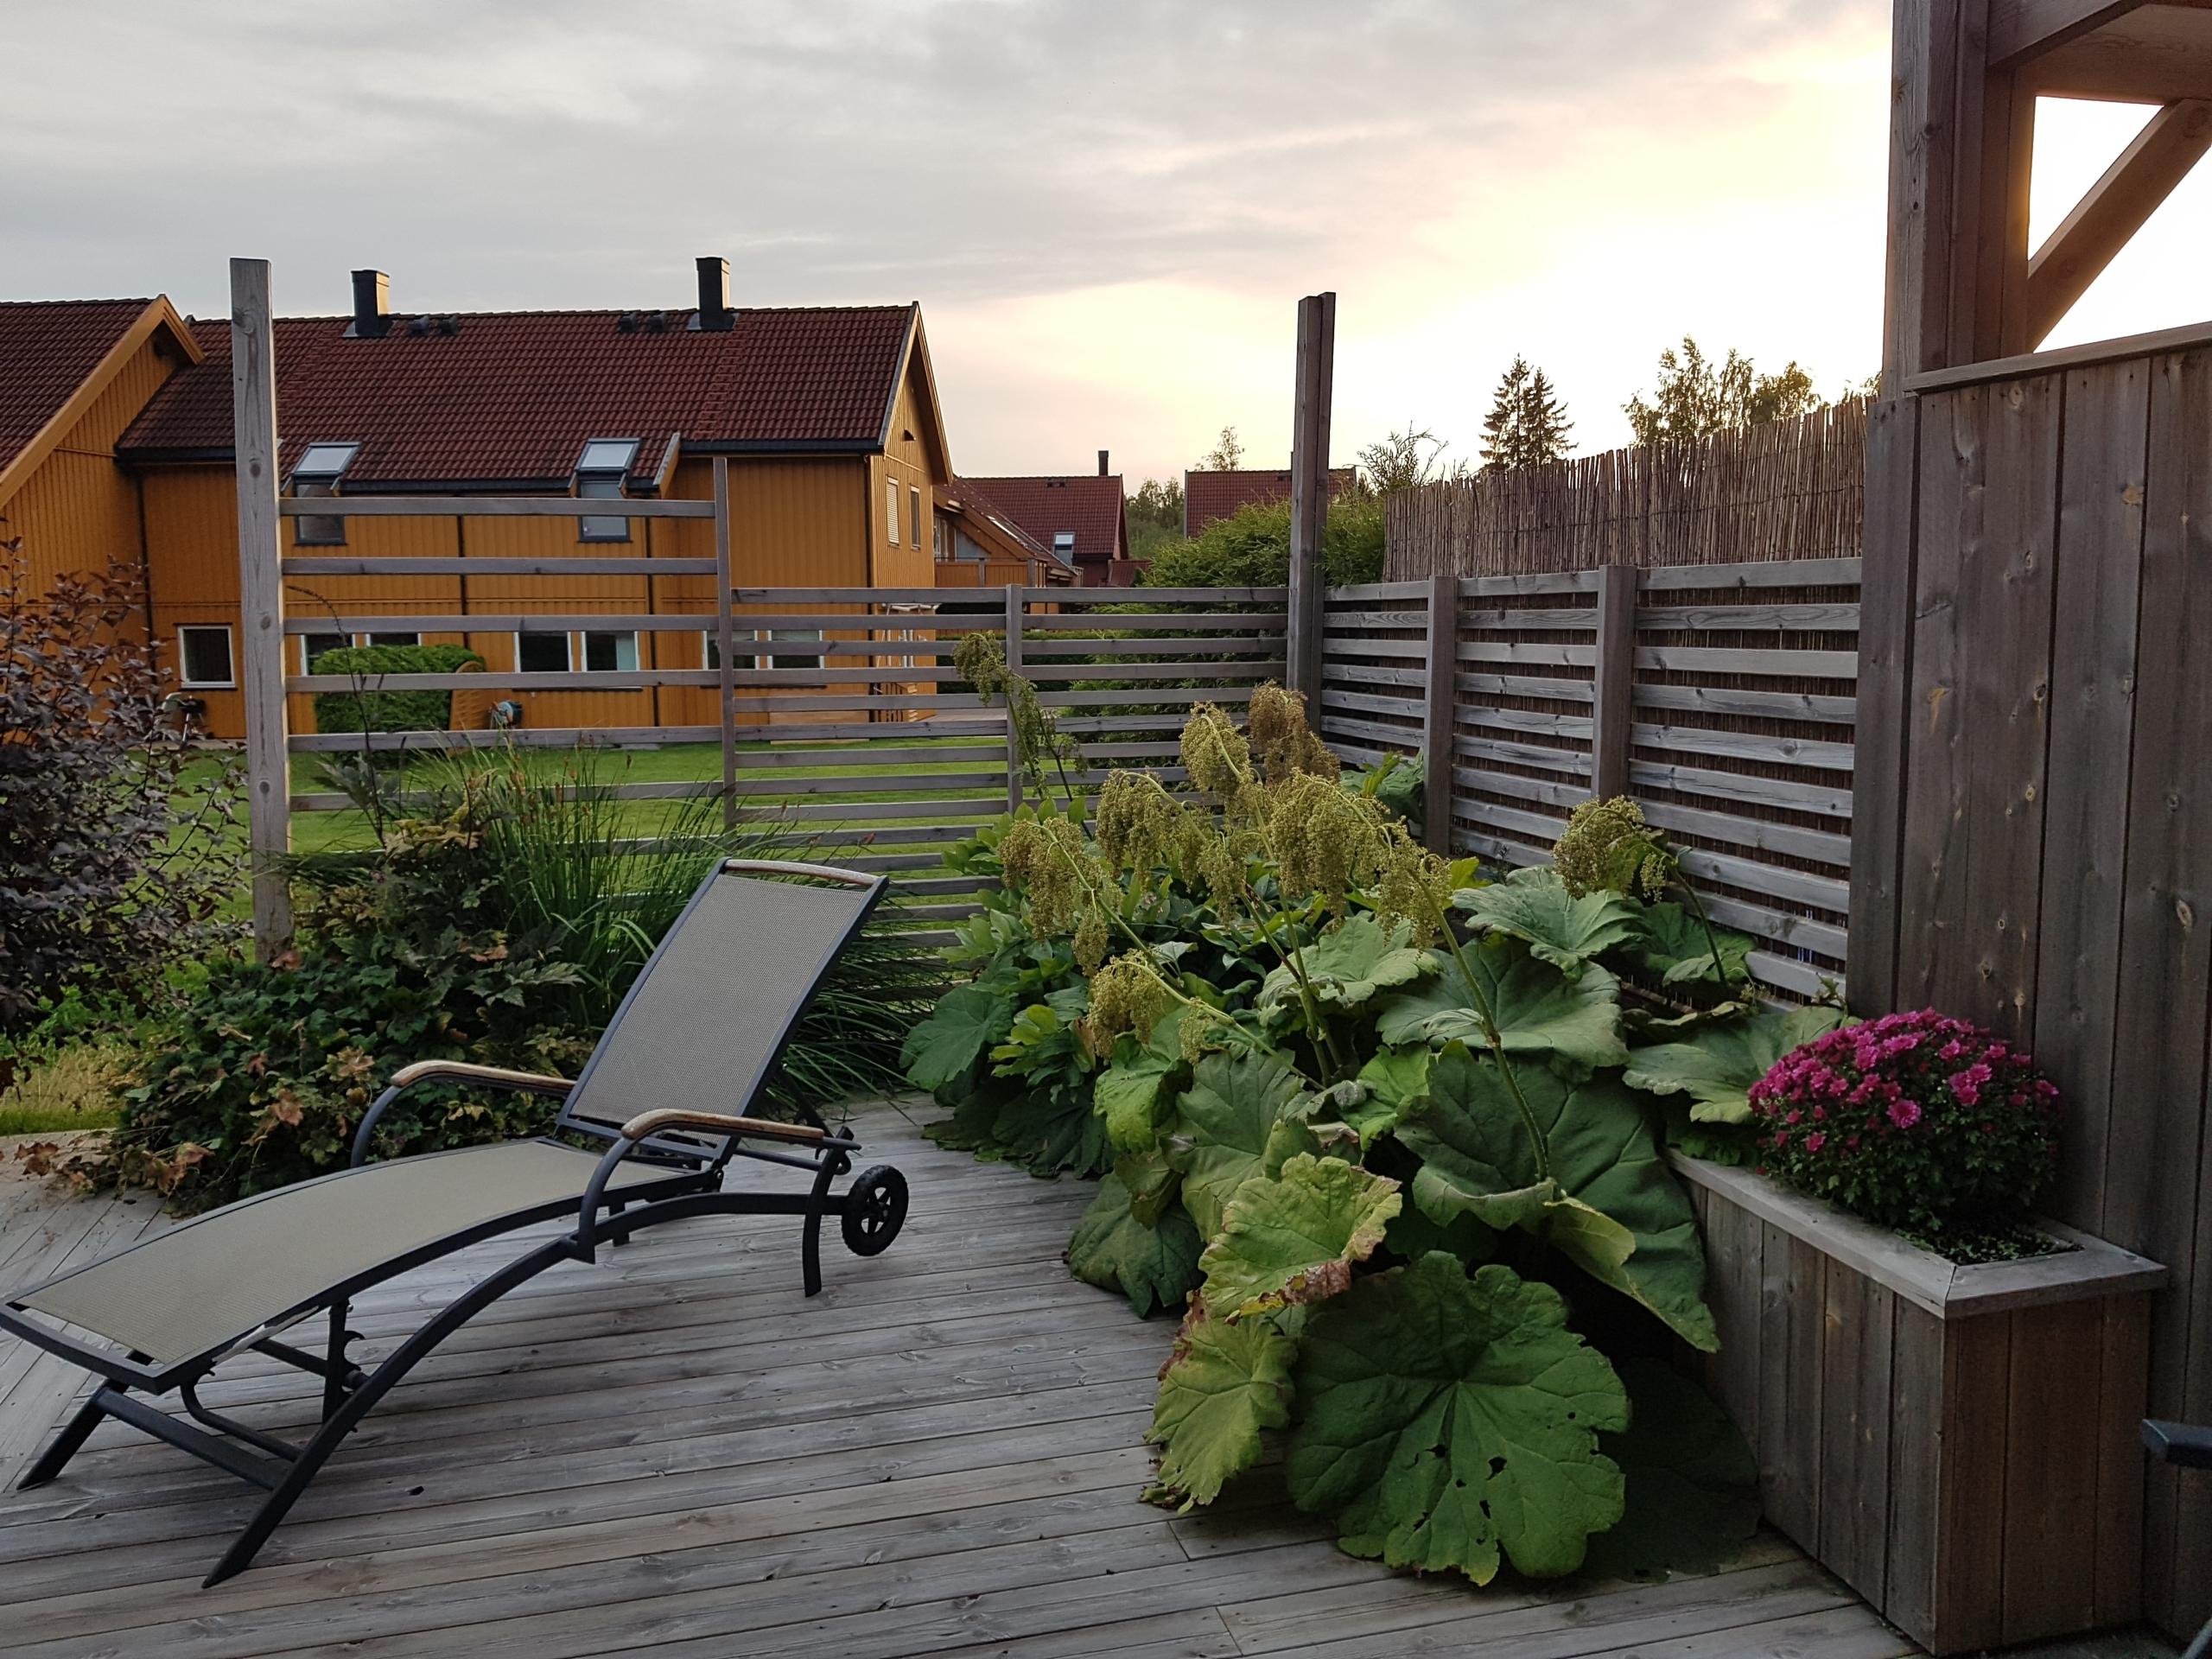 Leilighet terrasse skjermet for innsyn